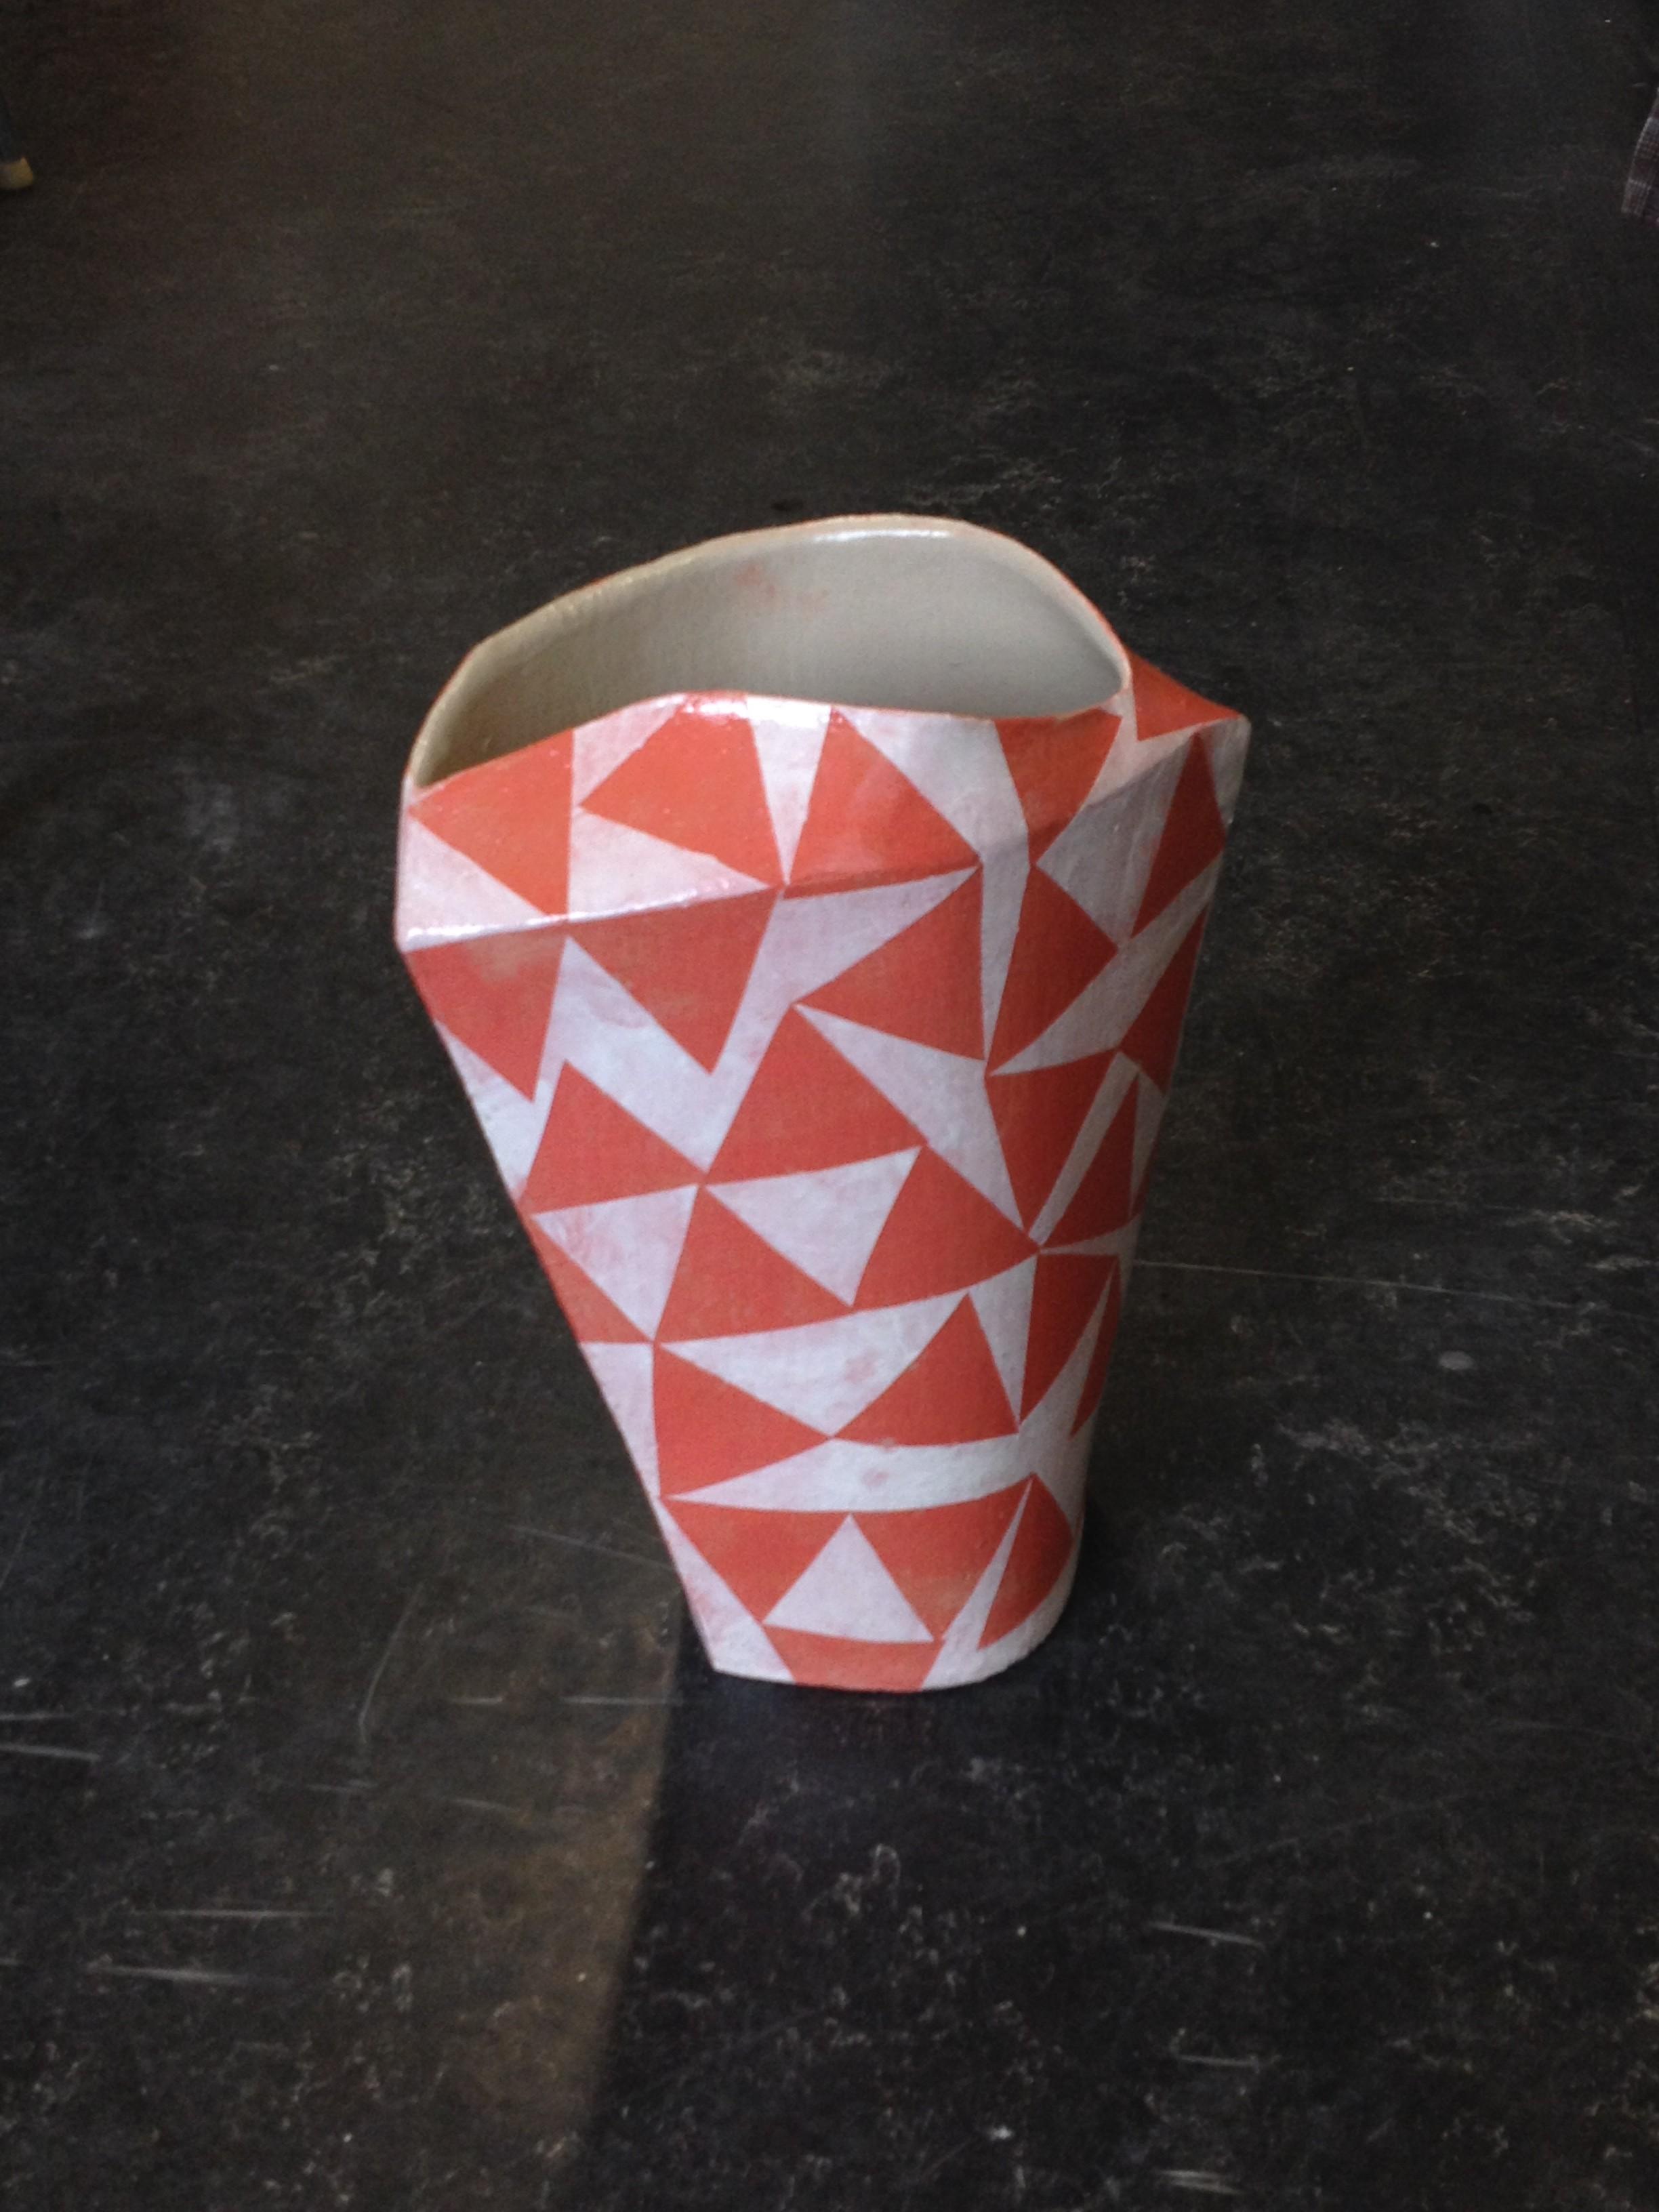 grosse vasen in der ausspartechnik keramikwerk. Black Bedroom Furniture Sets. Home Design Ideas